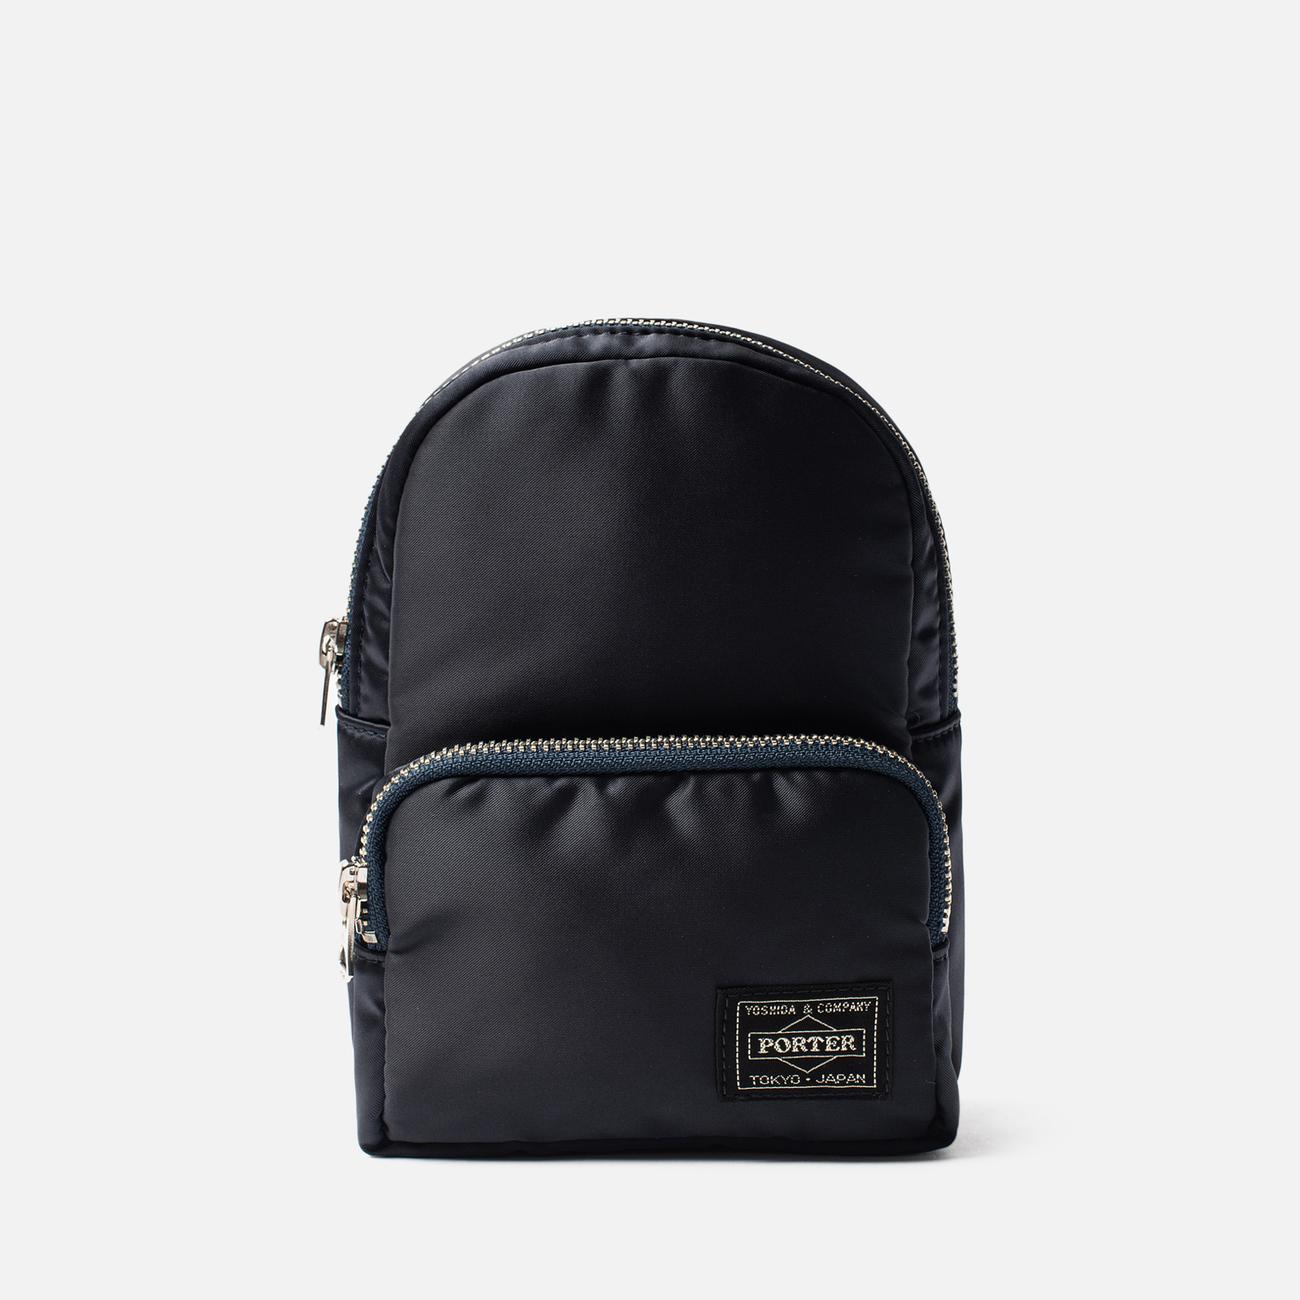 Рюкзак Porter-Yoshida & Co Howl Daypack Mini Navy